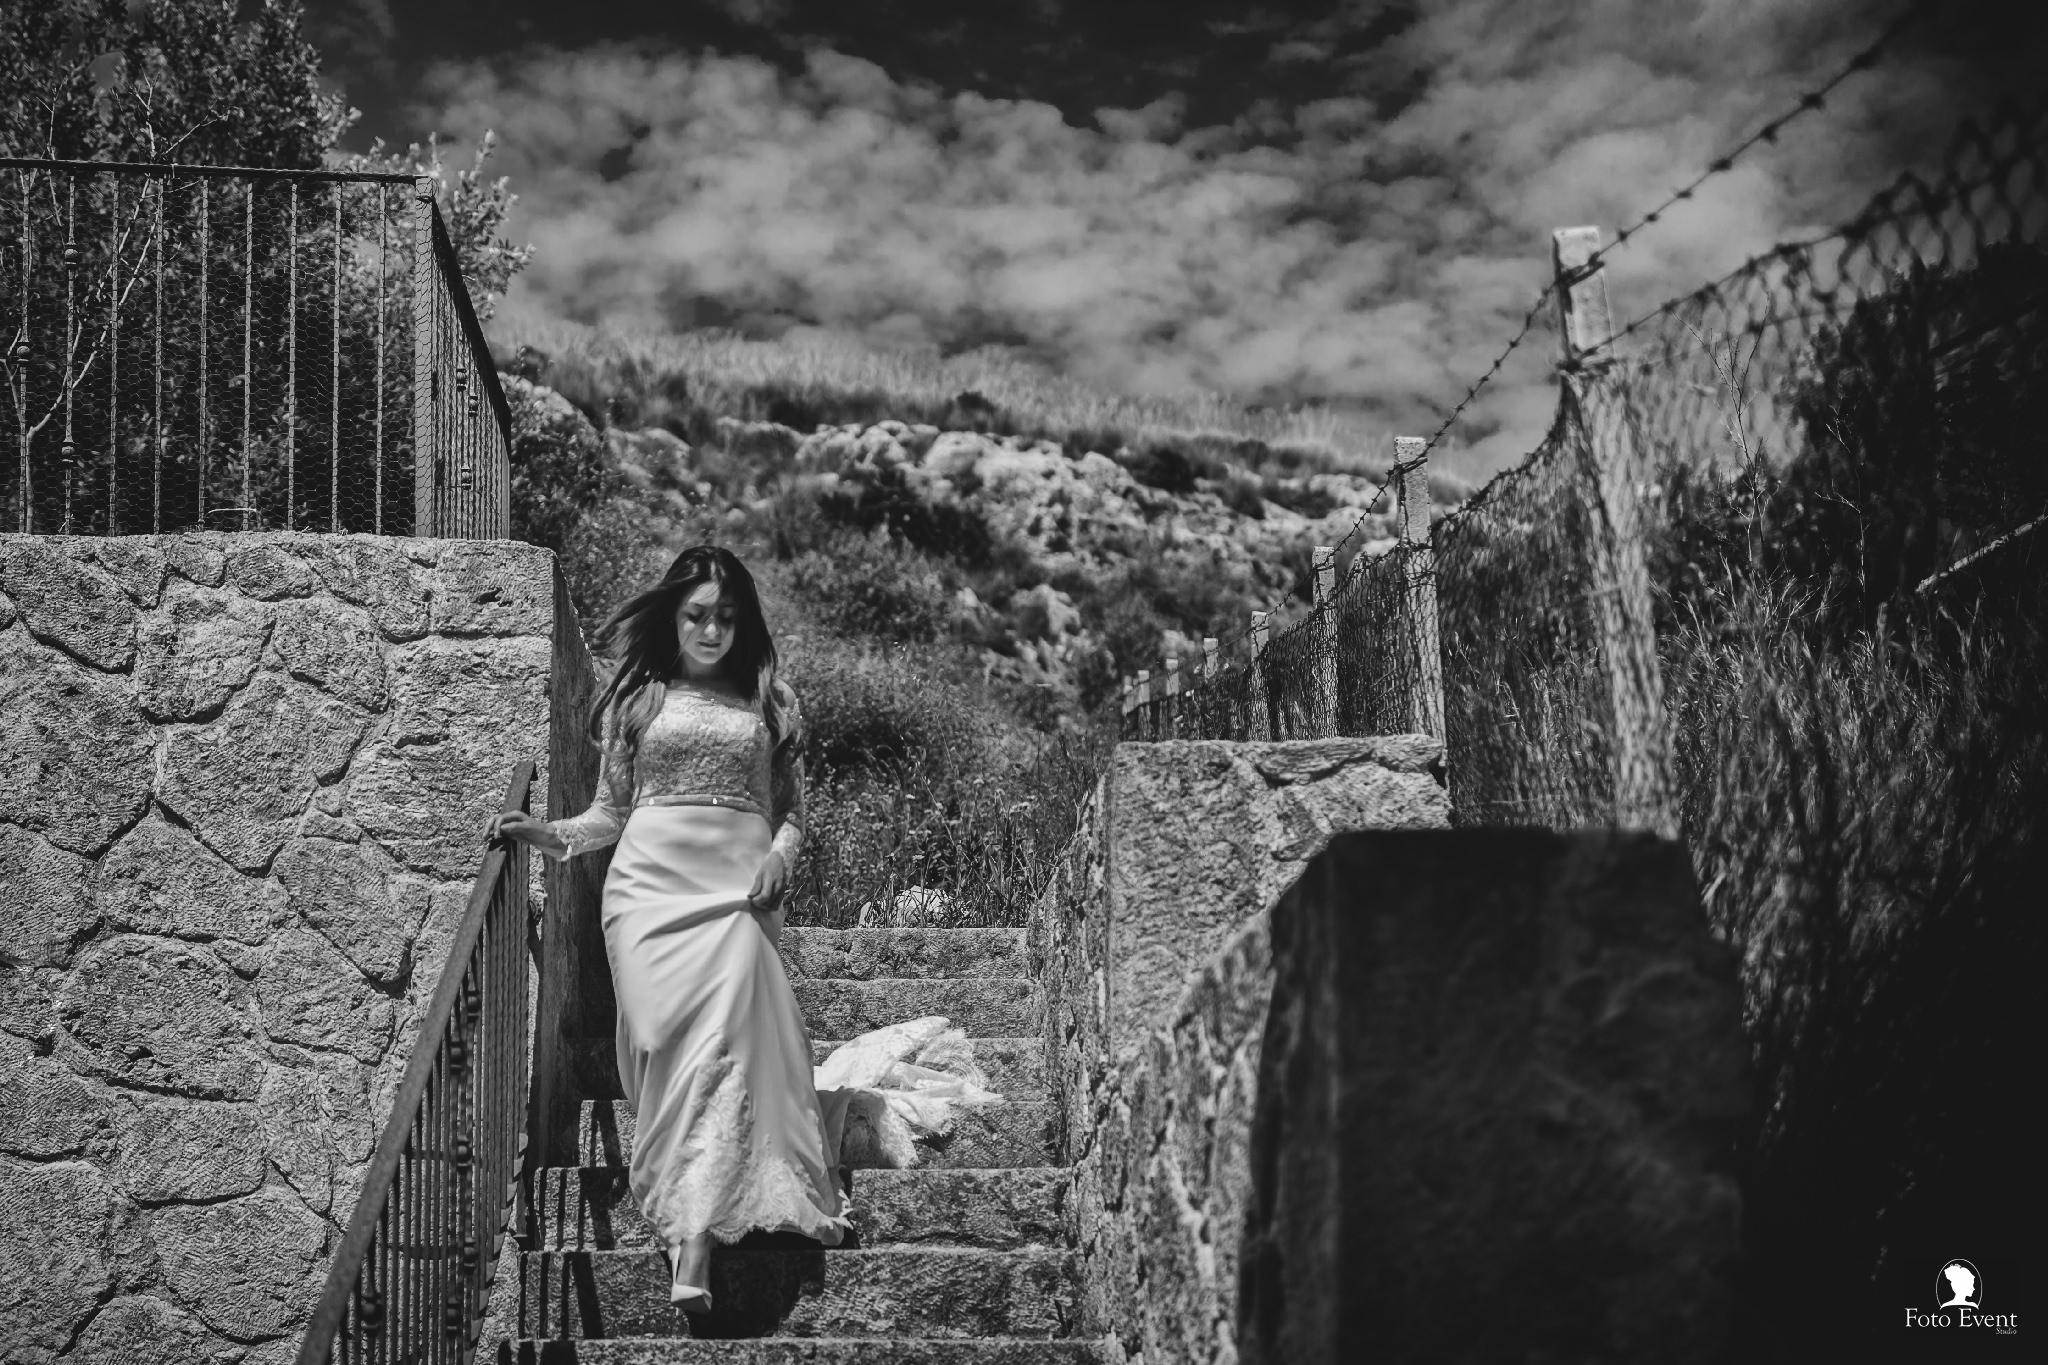 367-2019-05-09-Matrimonio-Maria-Concetta-e-Daniel-Gebbia-35mm-363-Edit